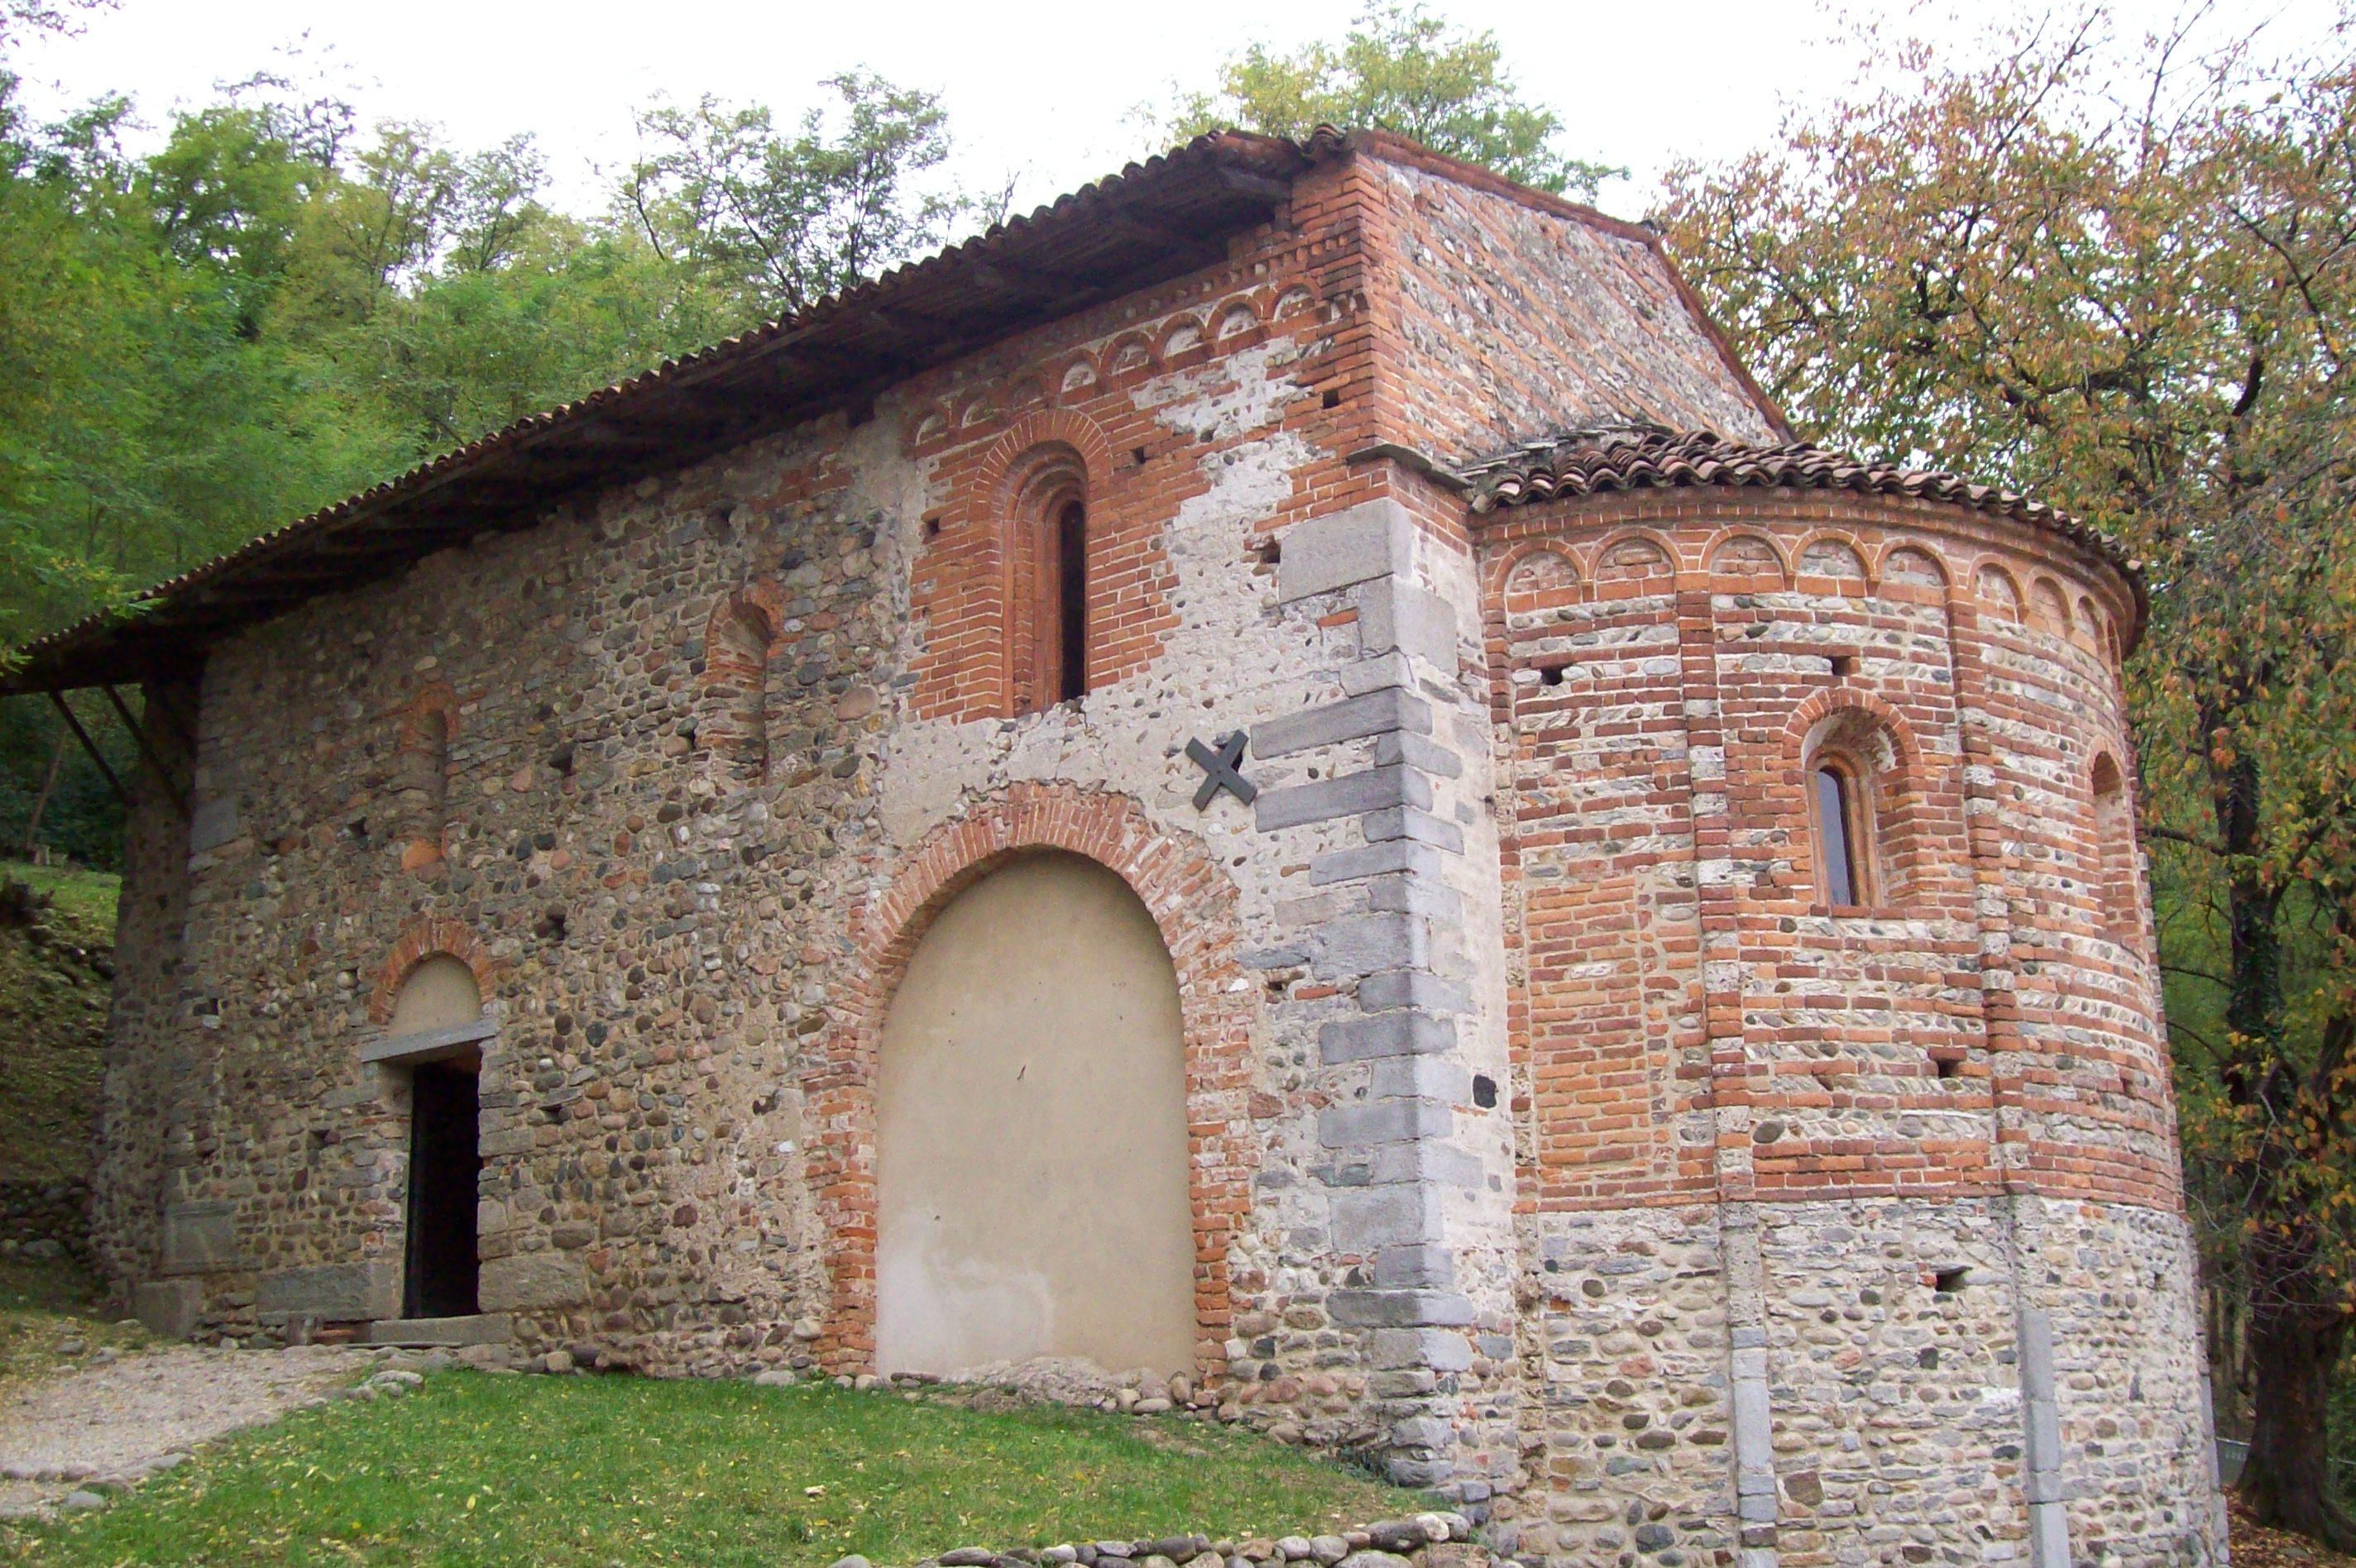 Monastero di TORBA : al via il progetto multimediale